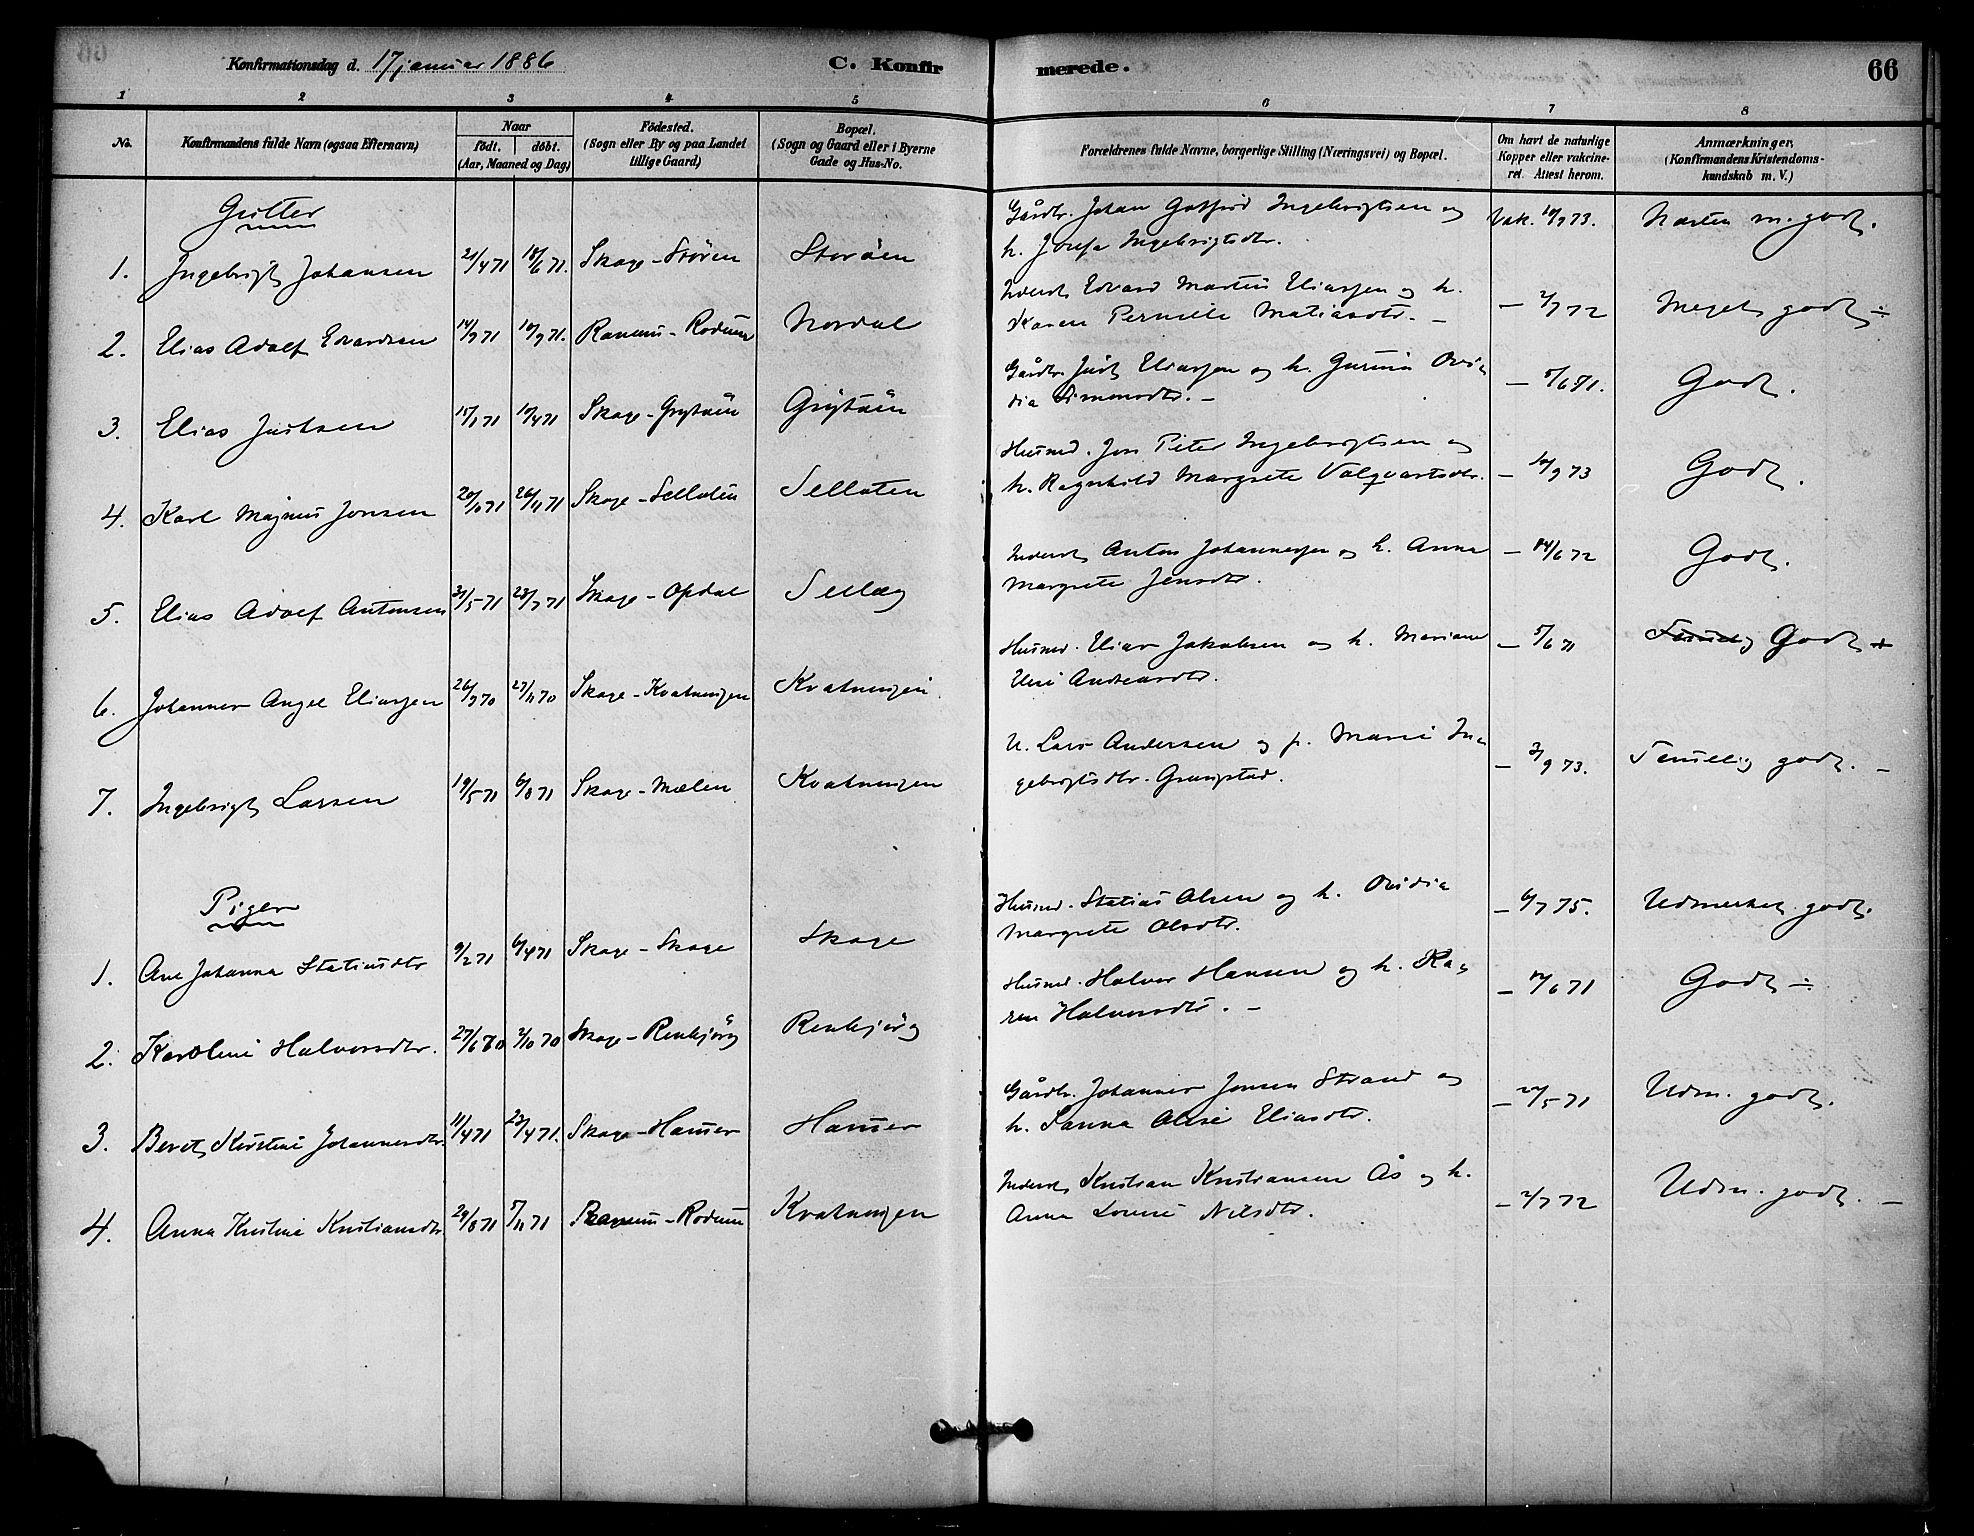 SAT, Ministerialprotokoller, klokkerbøker og fødselsregistre - Nord-Trøndelag, 766/L0563: Ministerialbok nr. 767A01, 1881-1899, s. 66